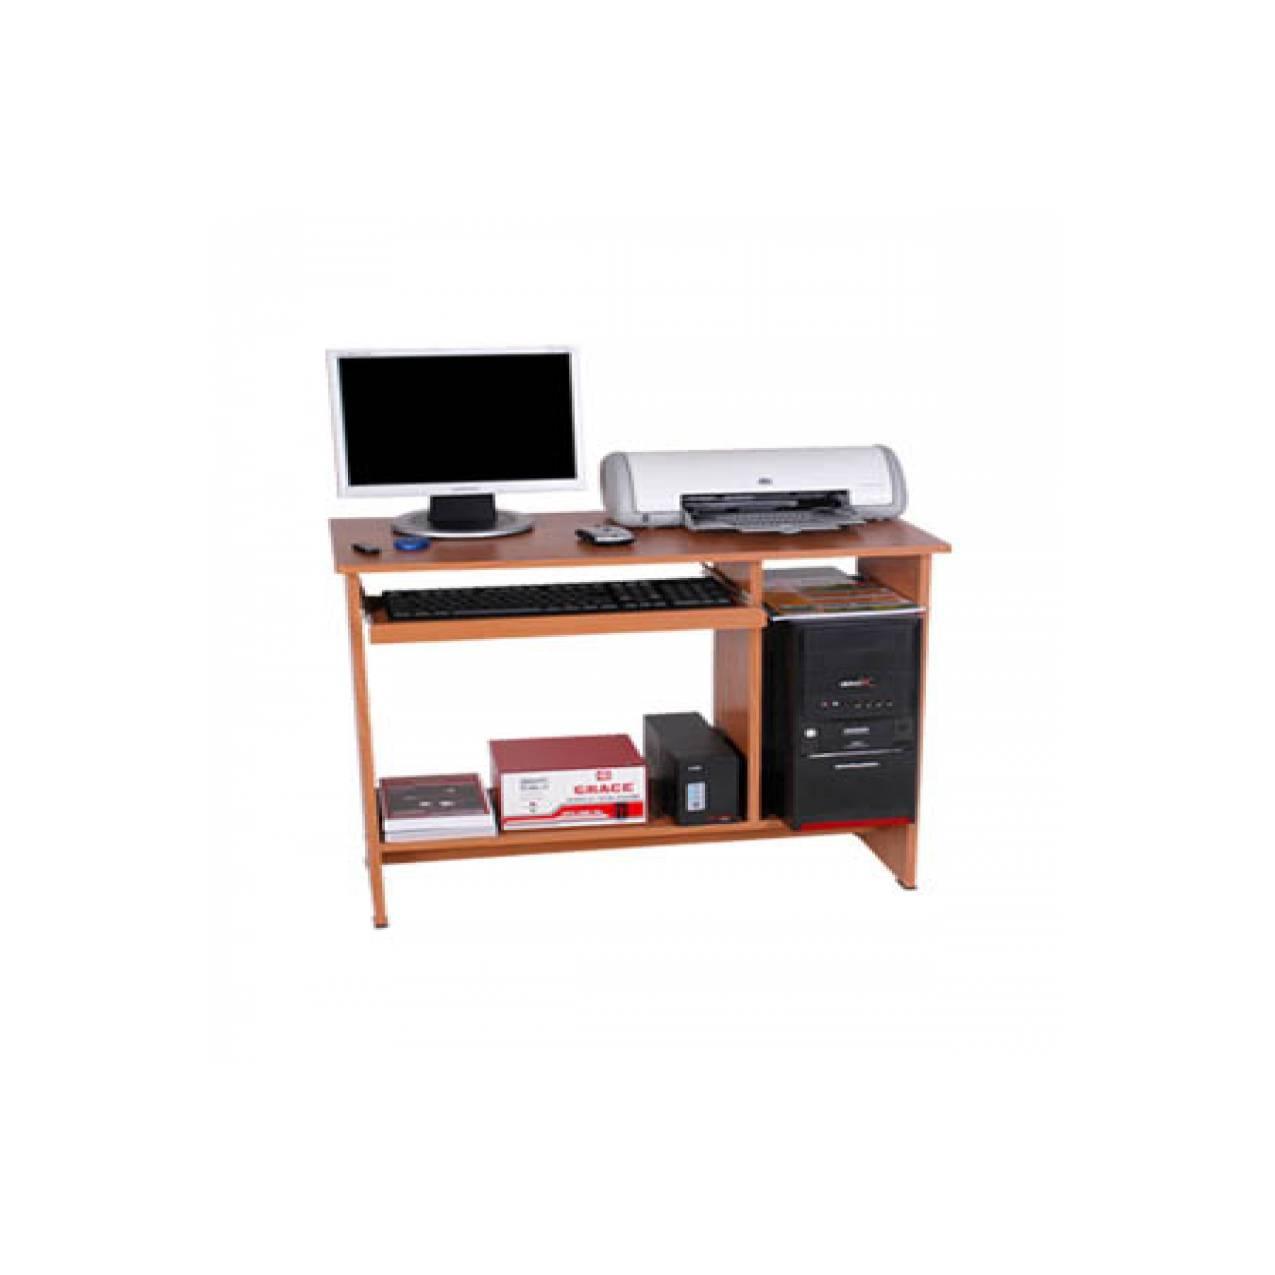 GRACE MEJA kerja kayu minimalis laptop KOMPUTER CD 280